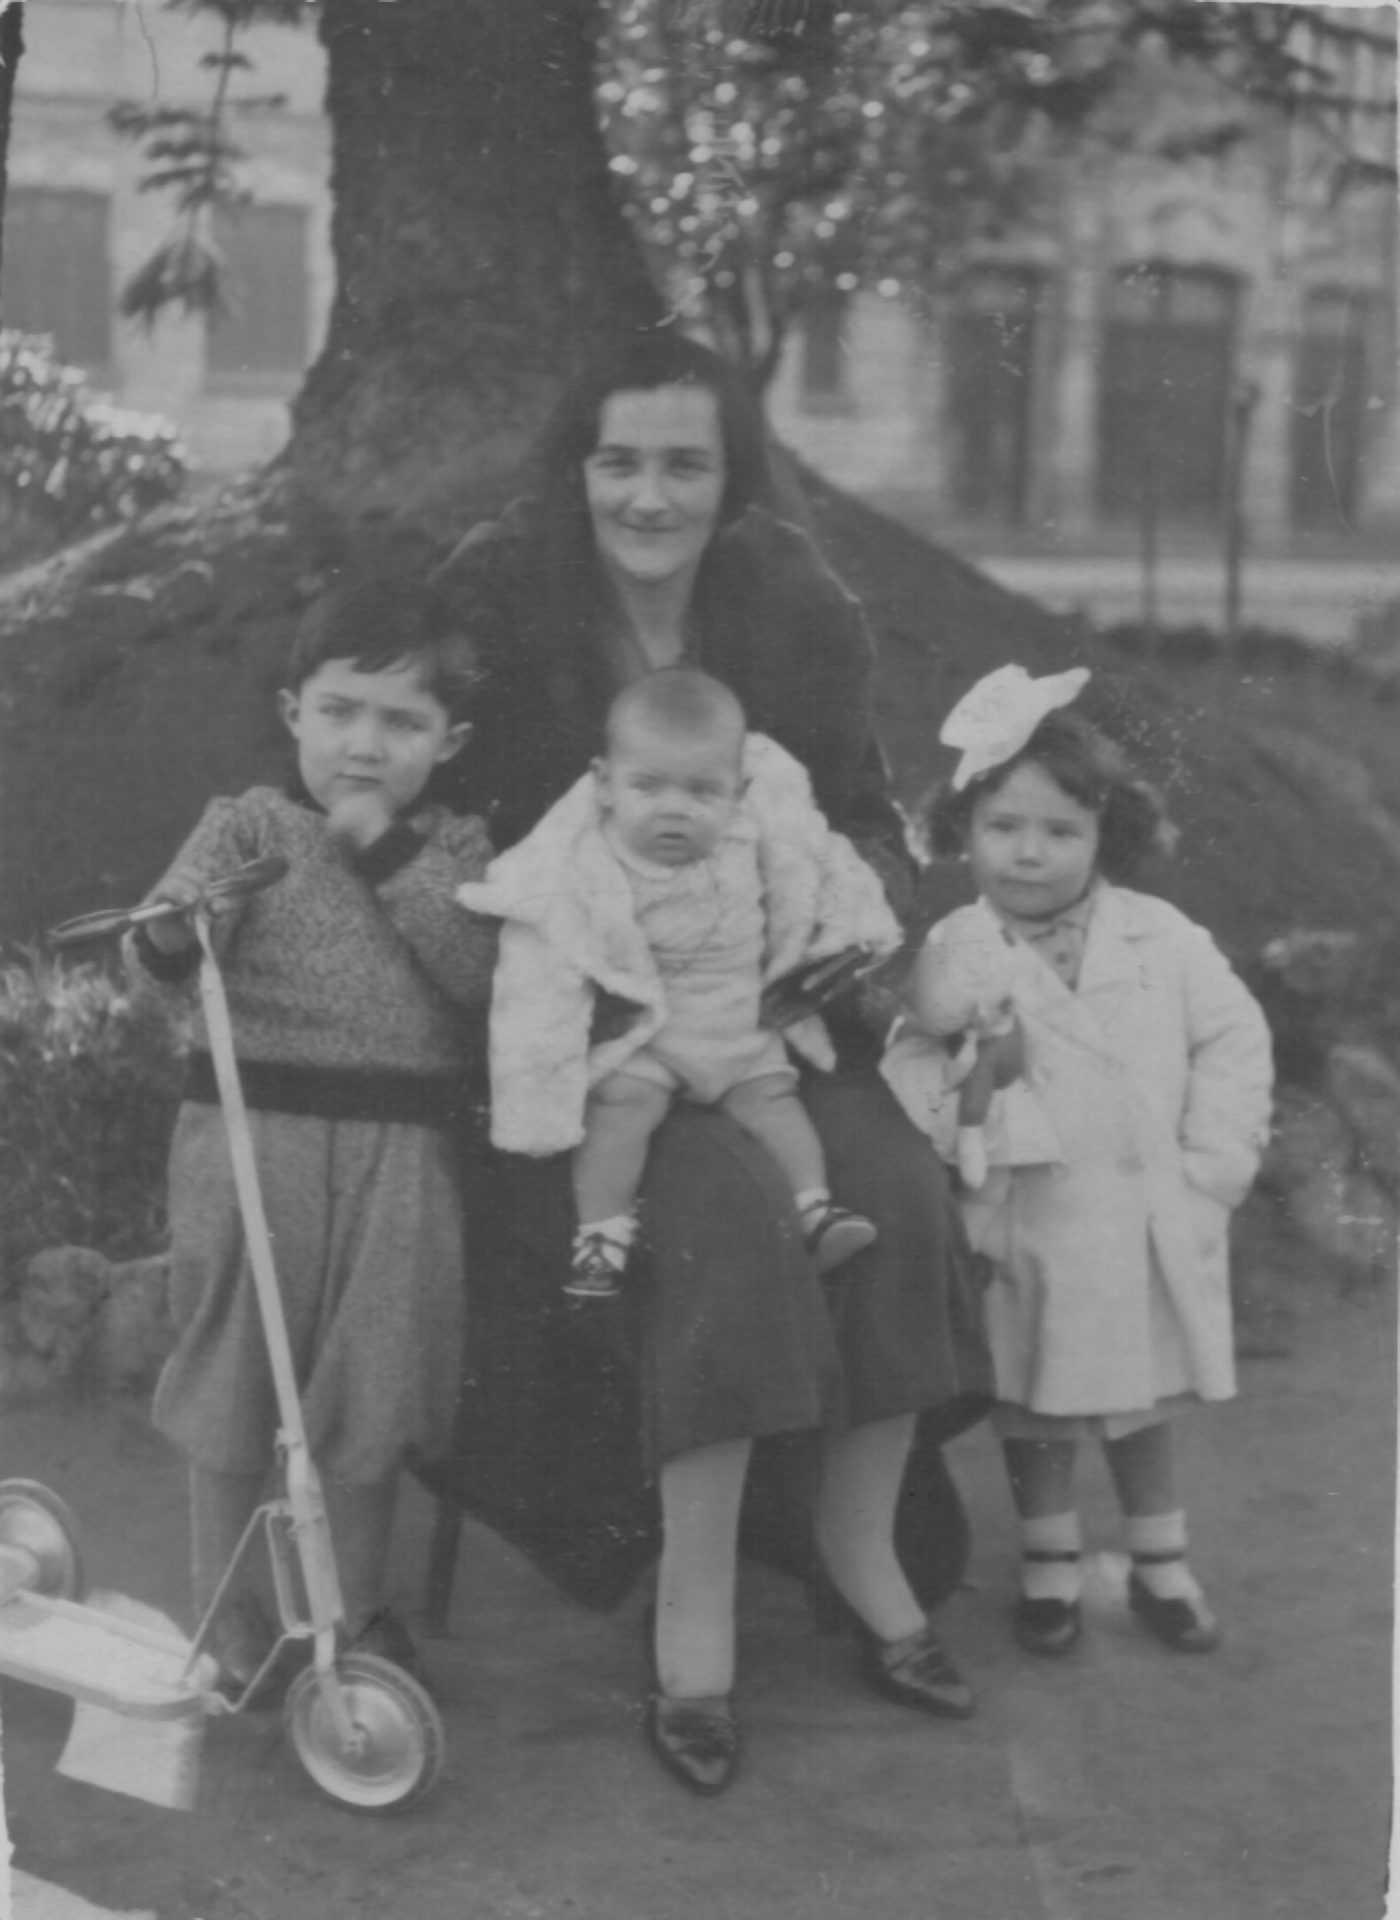 Josefina cos fillos antes da sublevación